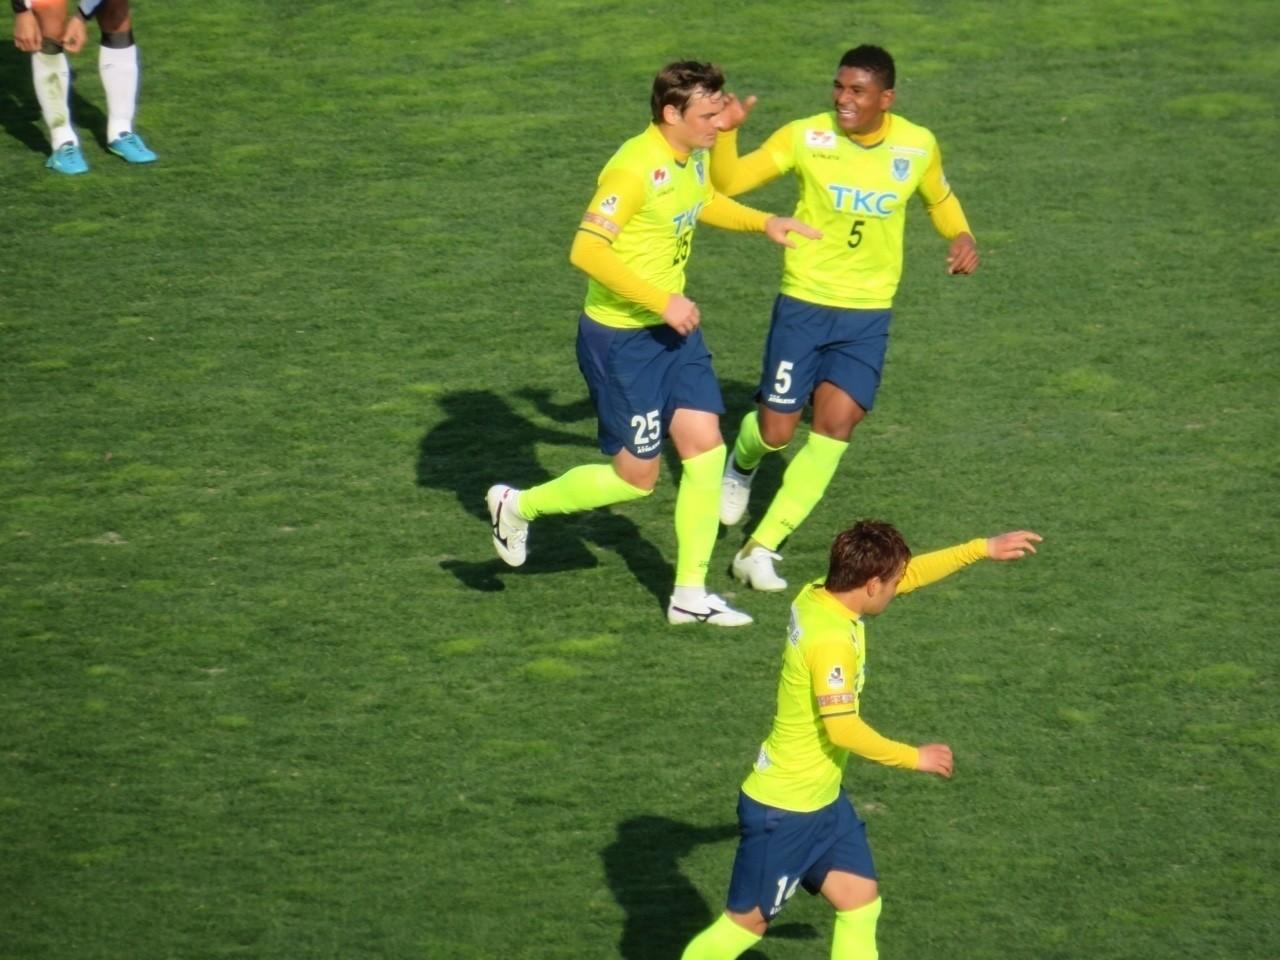 ブログ更新しました。『J2 第3節 栃木SC vs レノファ山口FC』 ⇒ https://ameblo.jp/porter610/entry-12359606662.html  #tochigisc #栃木SC